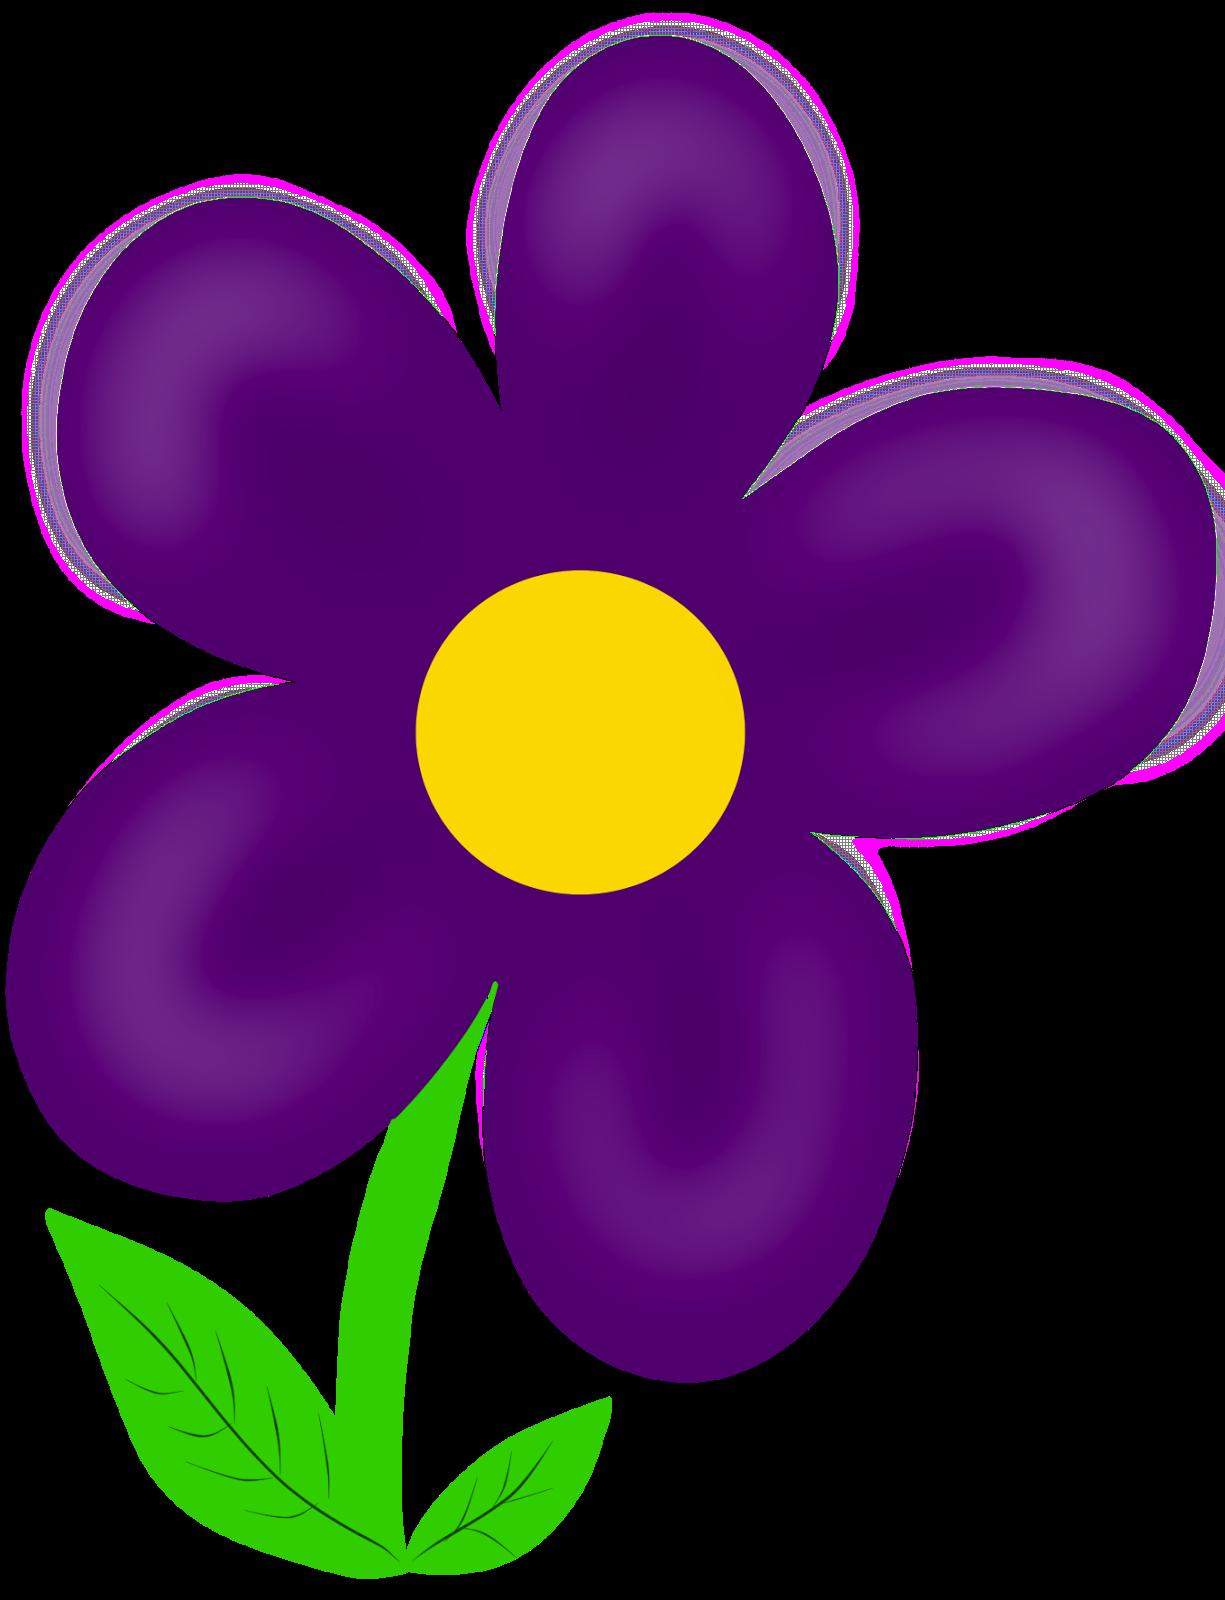 Flowers clip art free. Clipart teacher summer